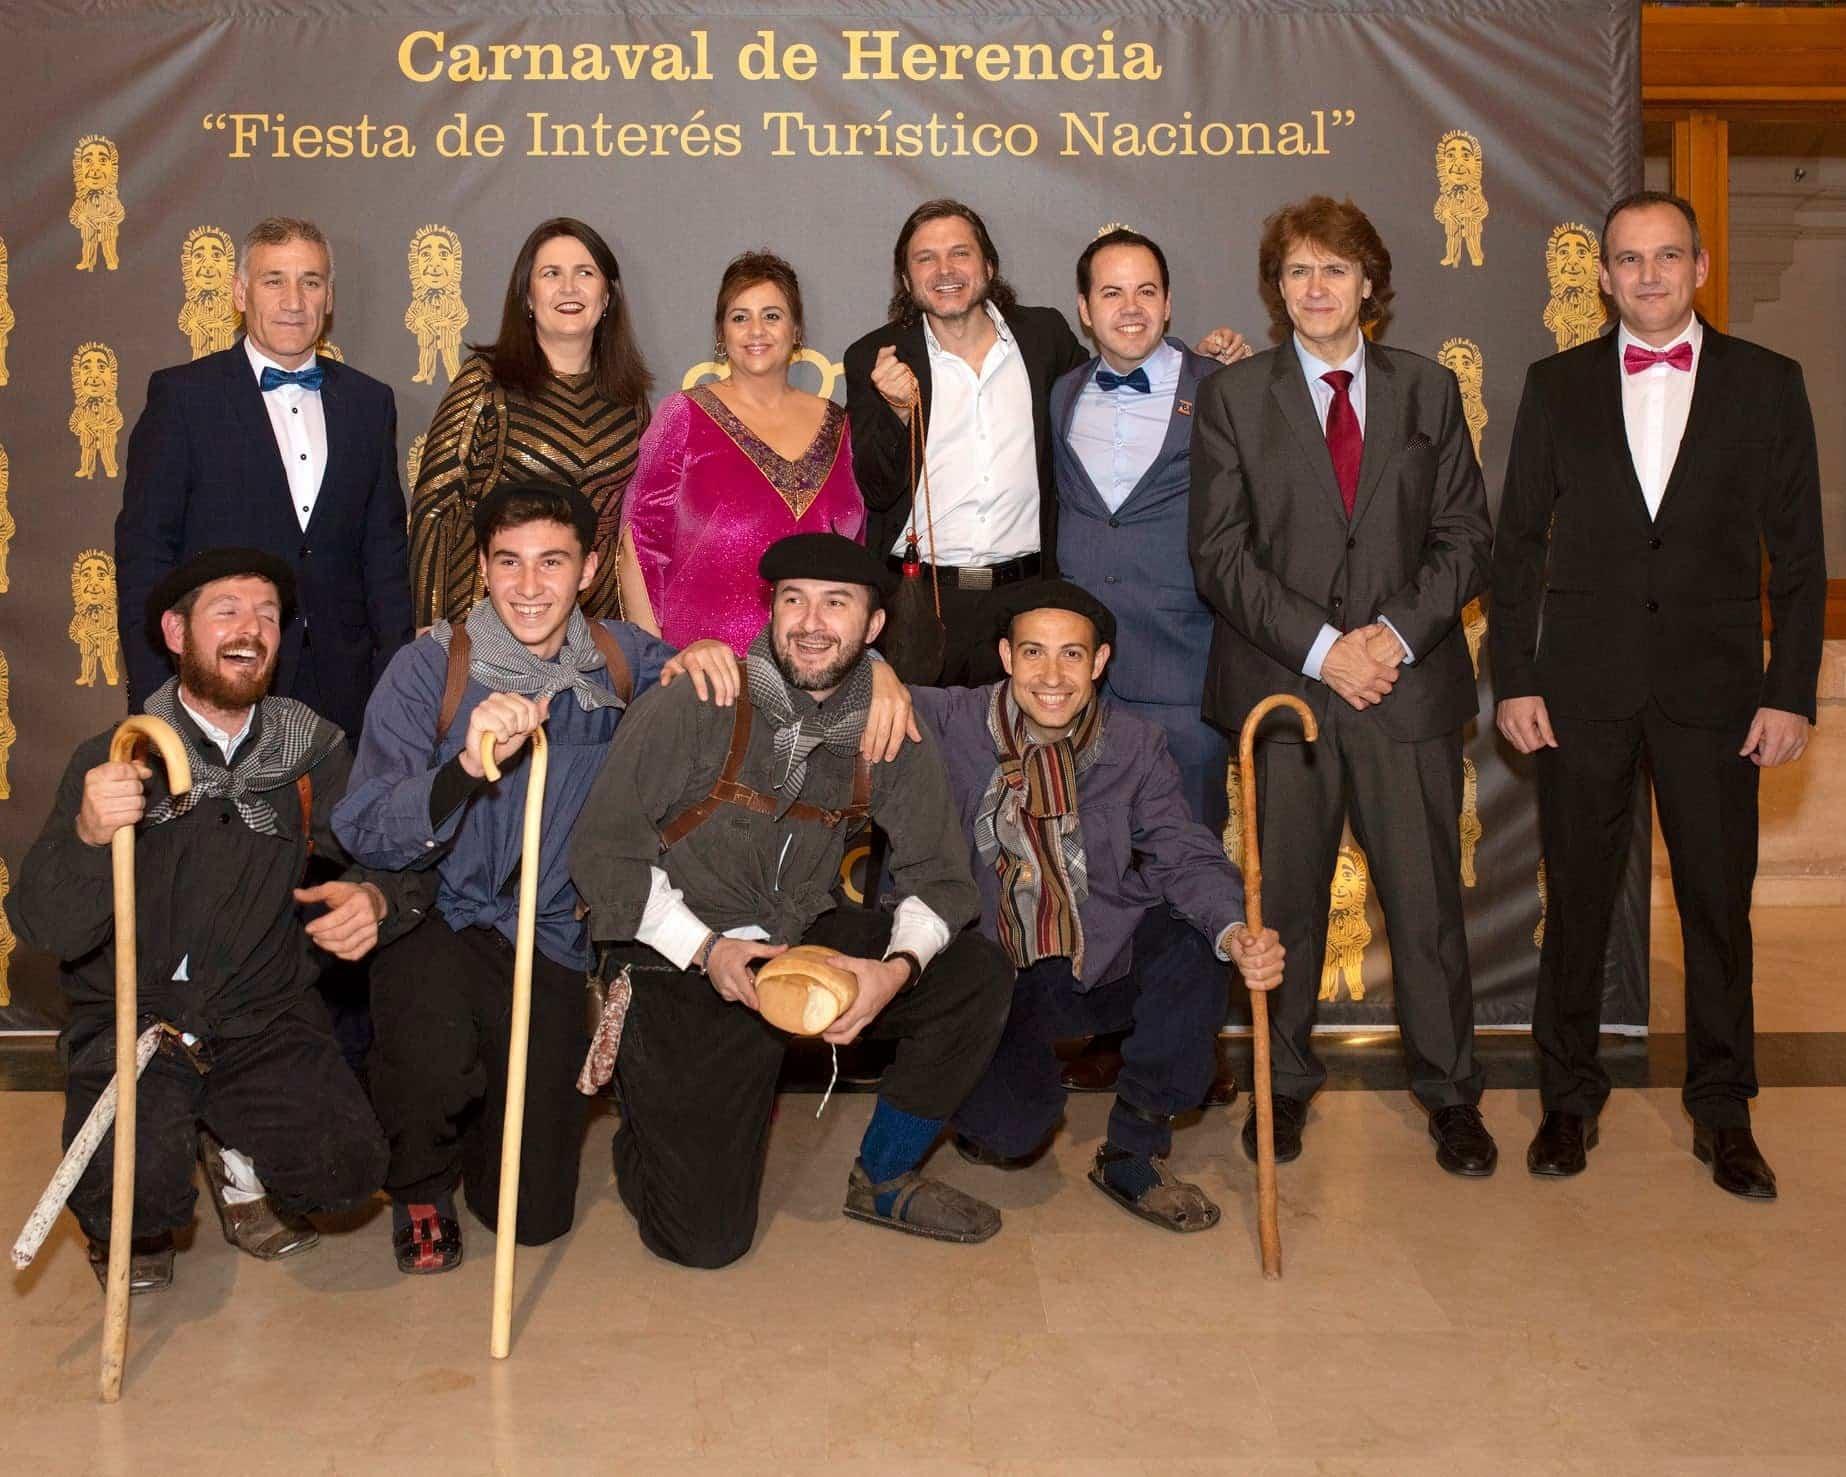 Inauguración del Carnaval de Herencia 2020 116